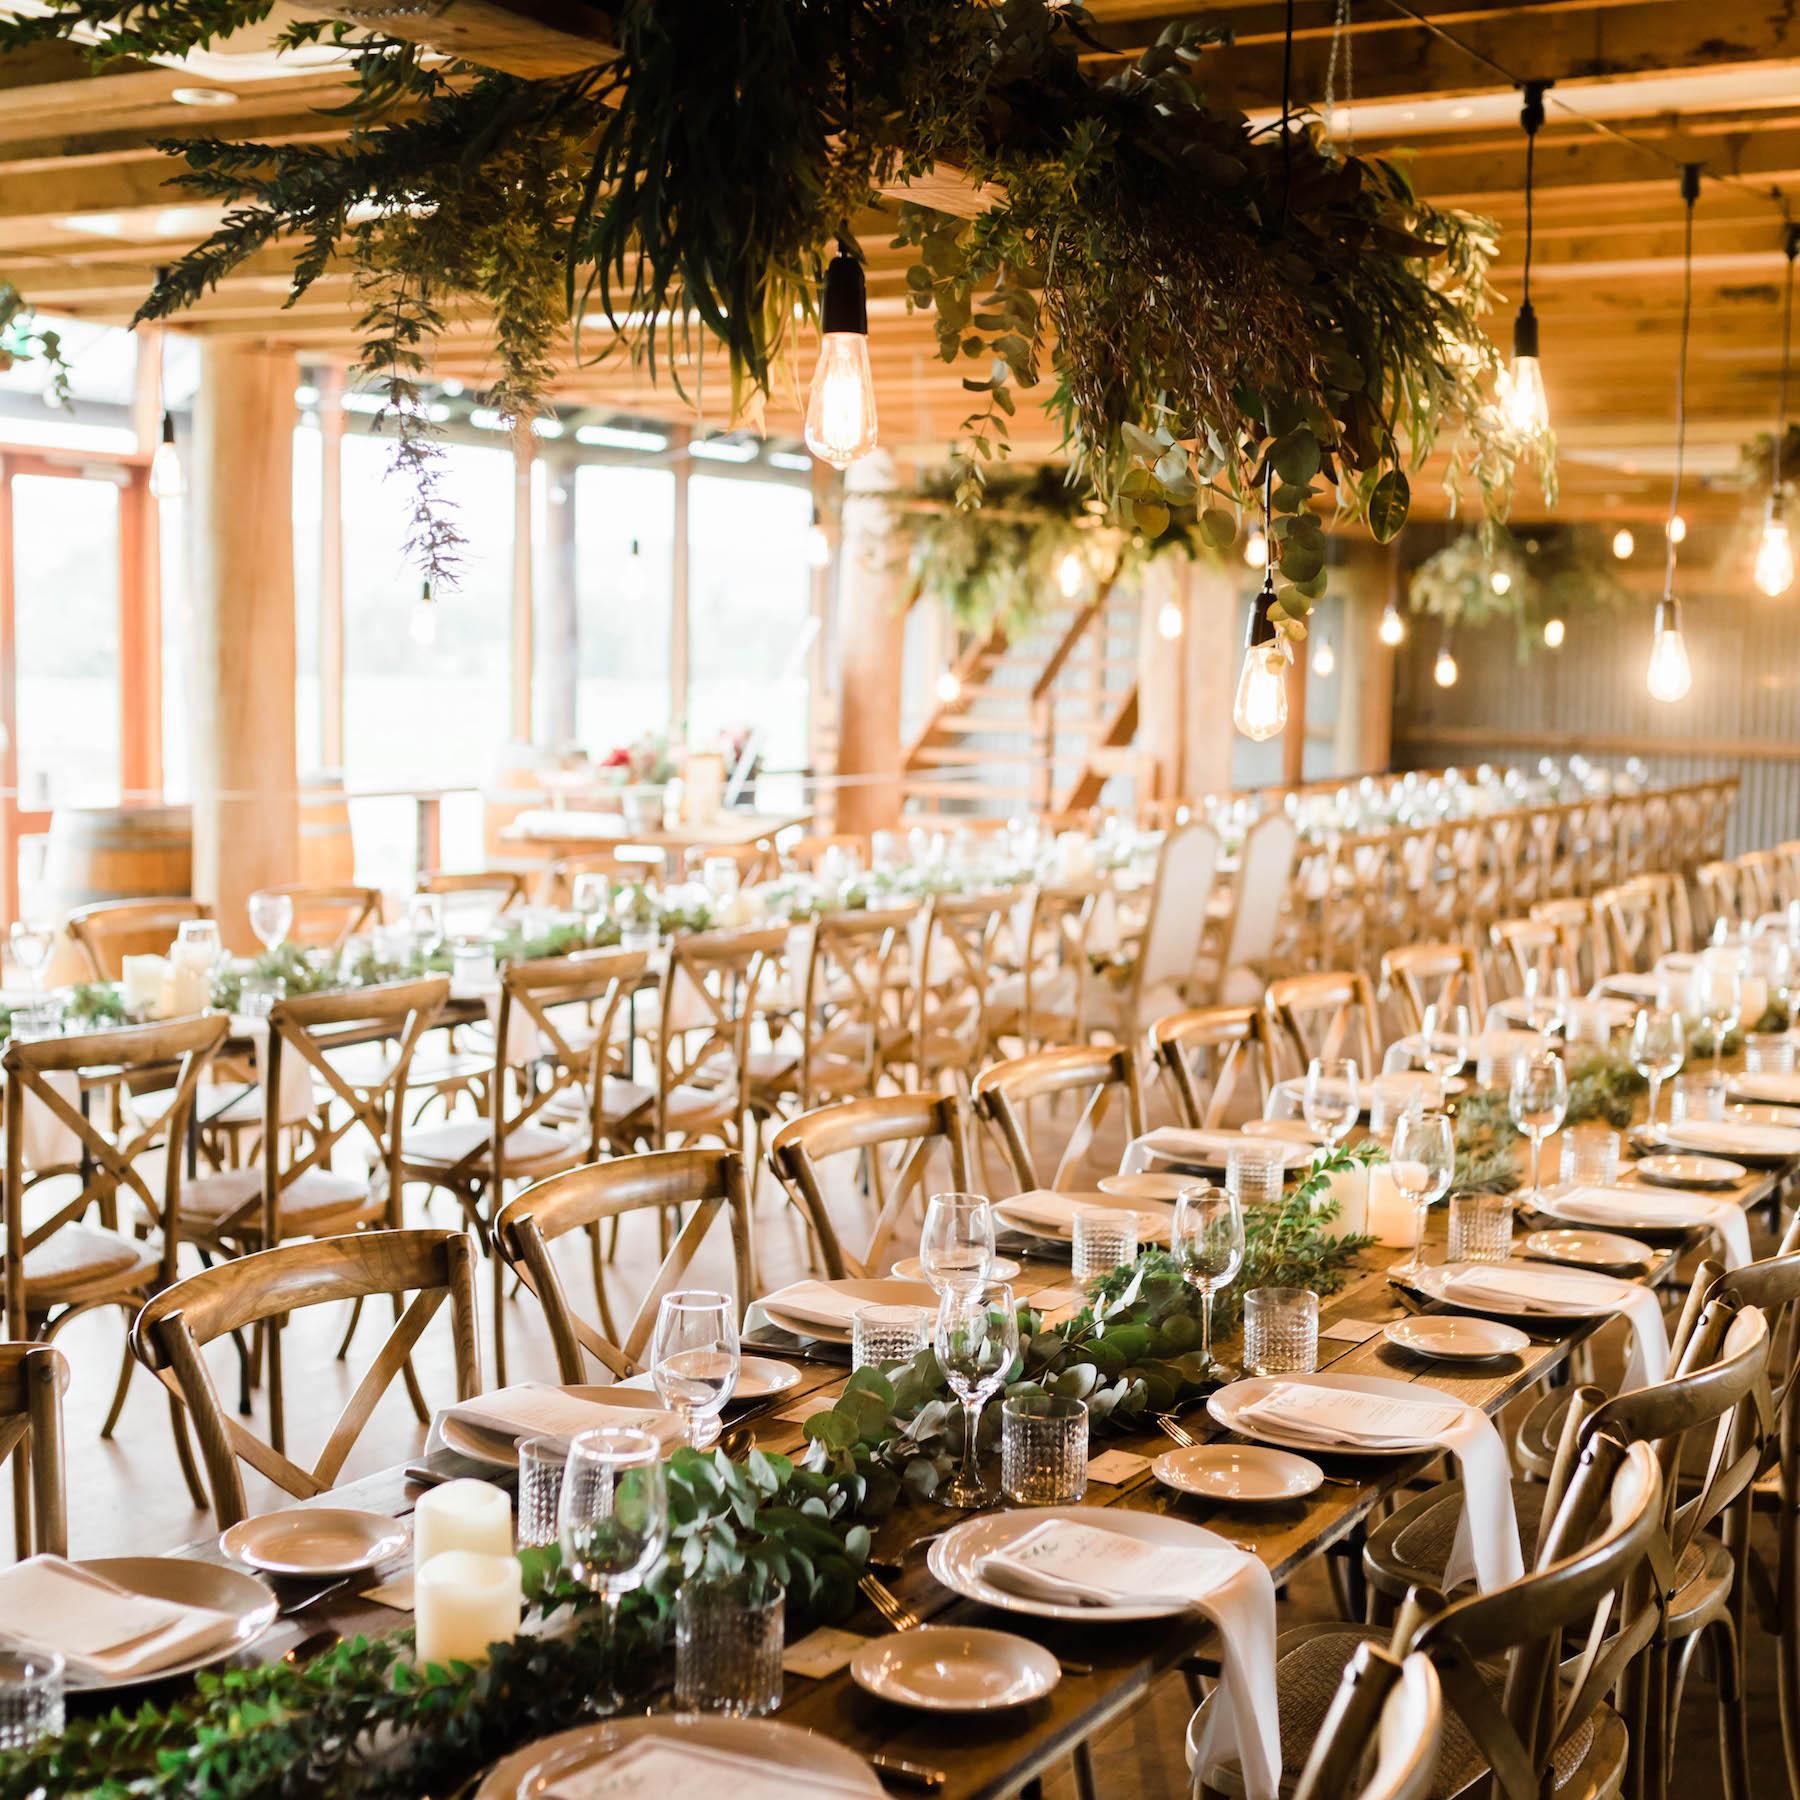 5 Fragen vor der Hochzeit planen suelovesnyc_hochzeit_planen_5_fragen_vor_der_hochzeit